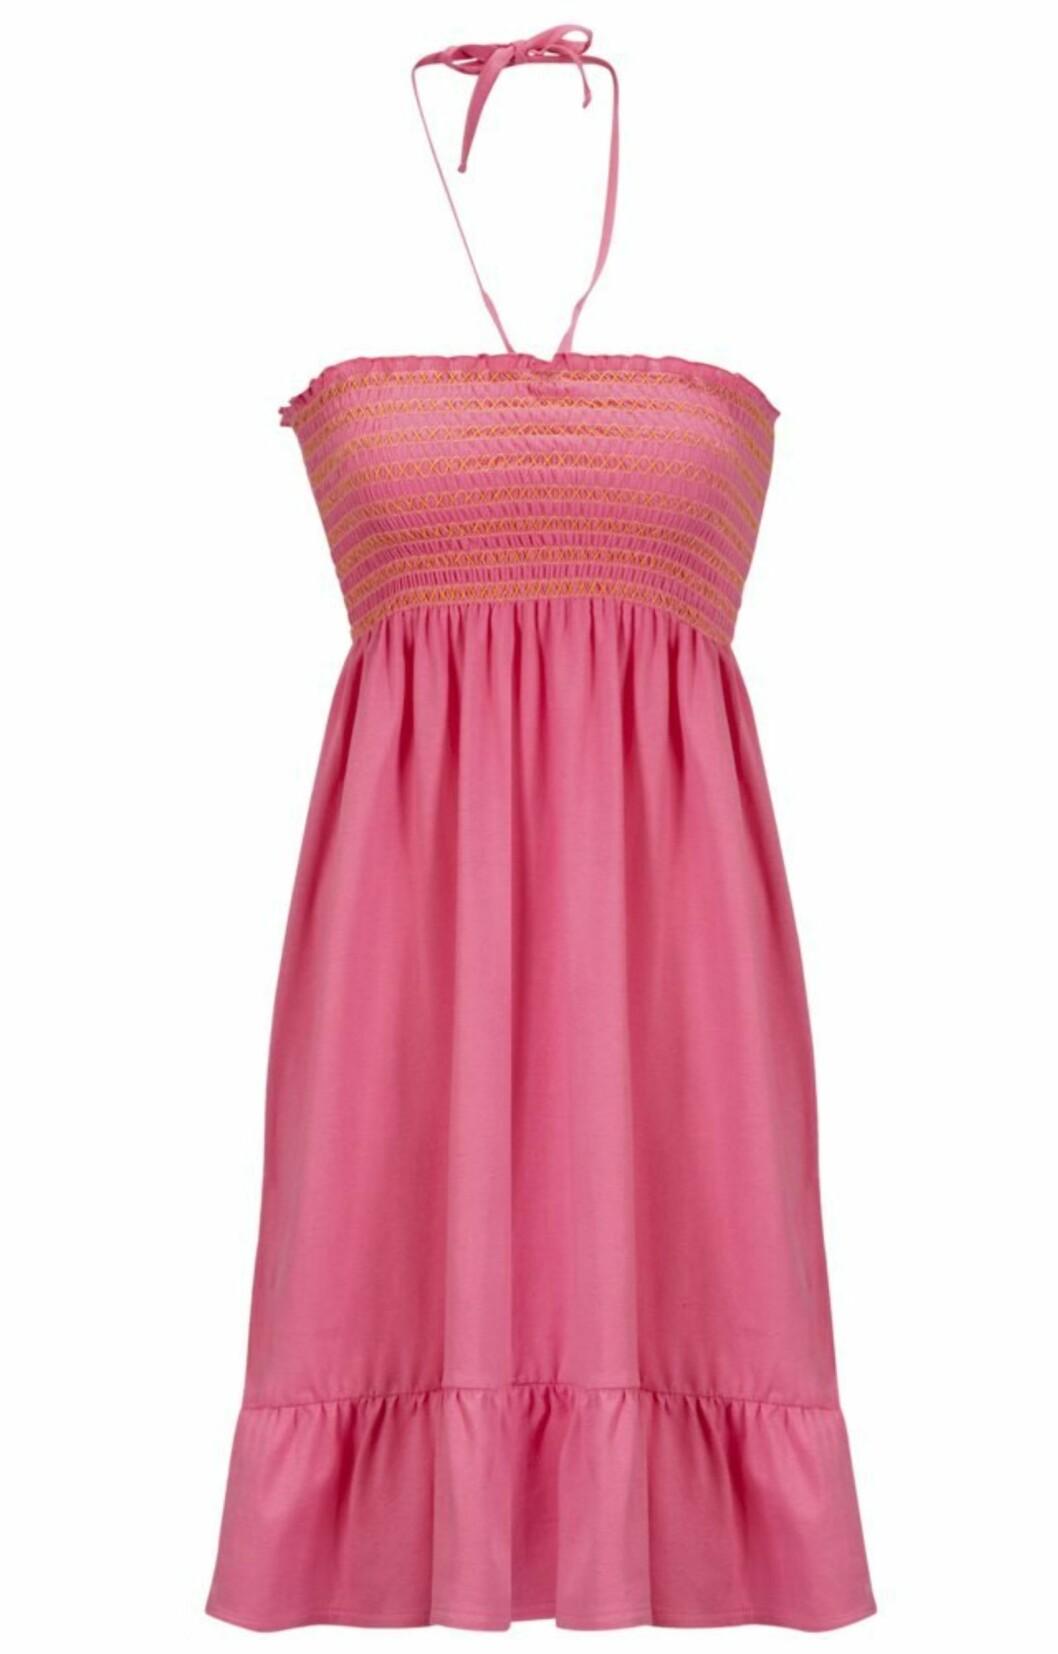 <strong>SUPERENKEL:</strong> Søt bærfarget kjole som er super å slenge over bikinien på vei til stranden (kr 150, Ellos).